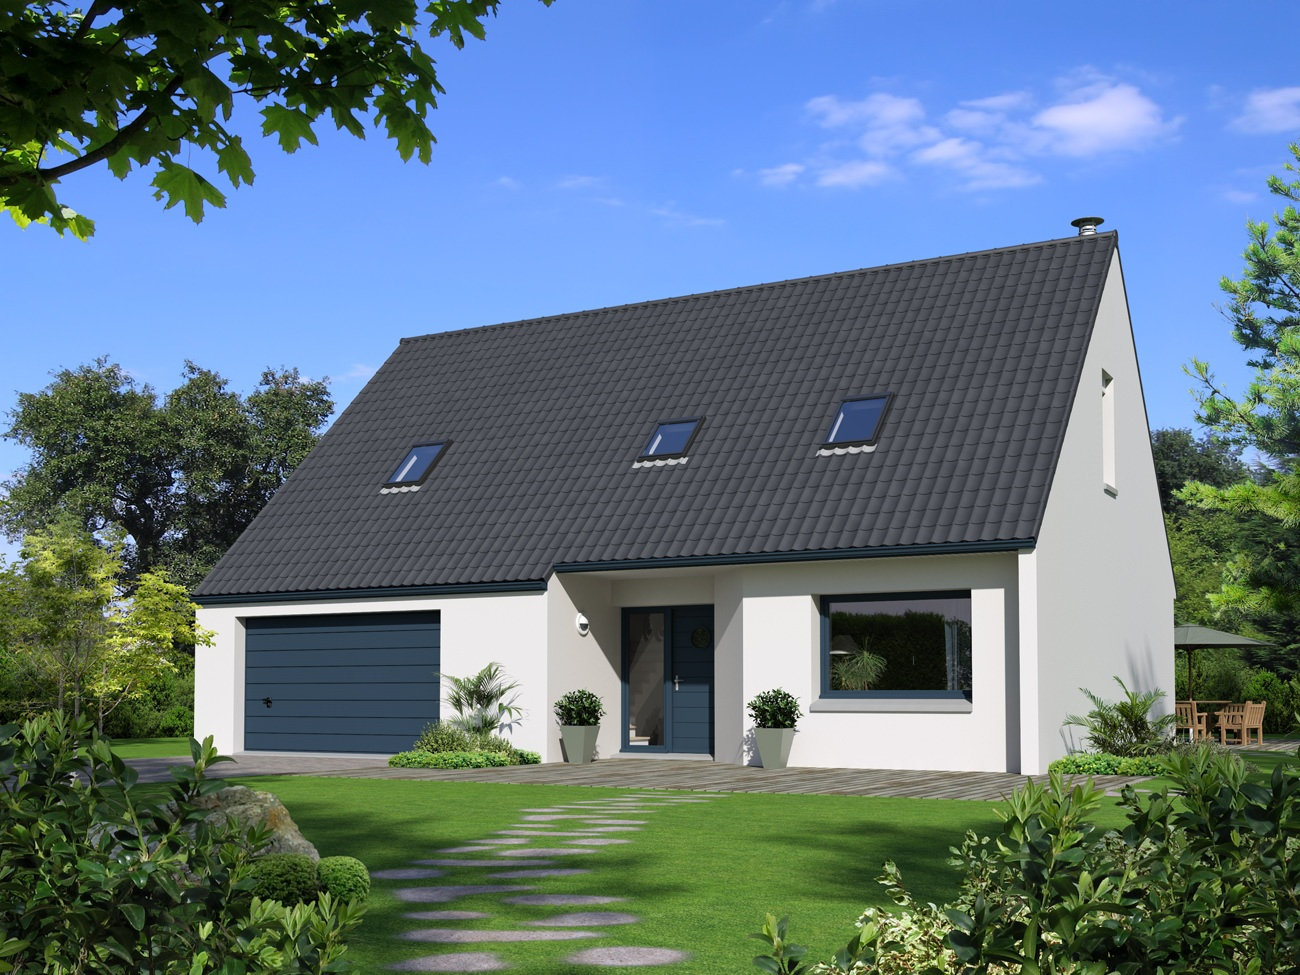 Maisons + Terrains du constructeur Maison Familiale Wizernes • 107 m² • RACQUINGHEM